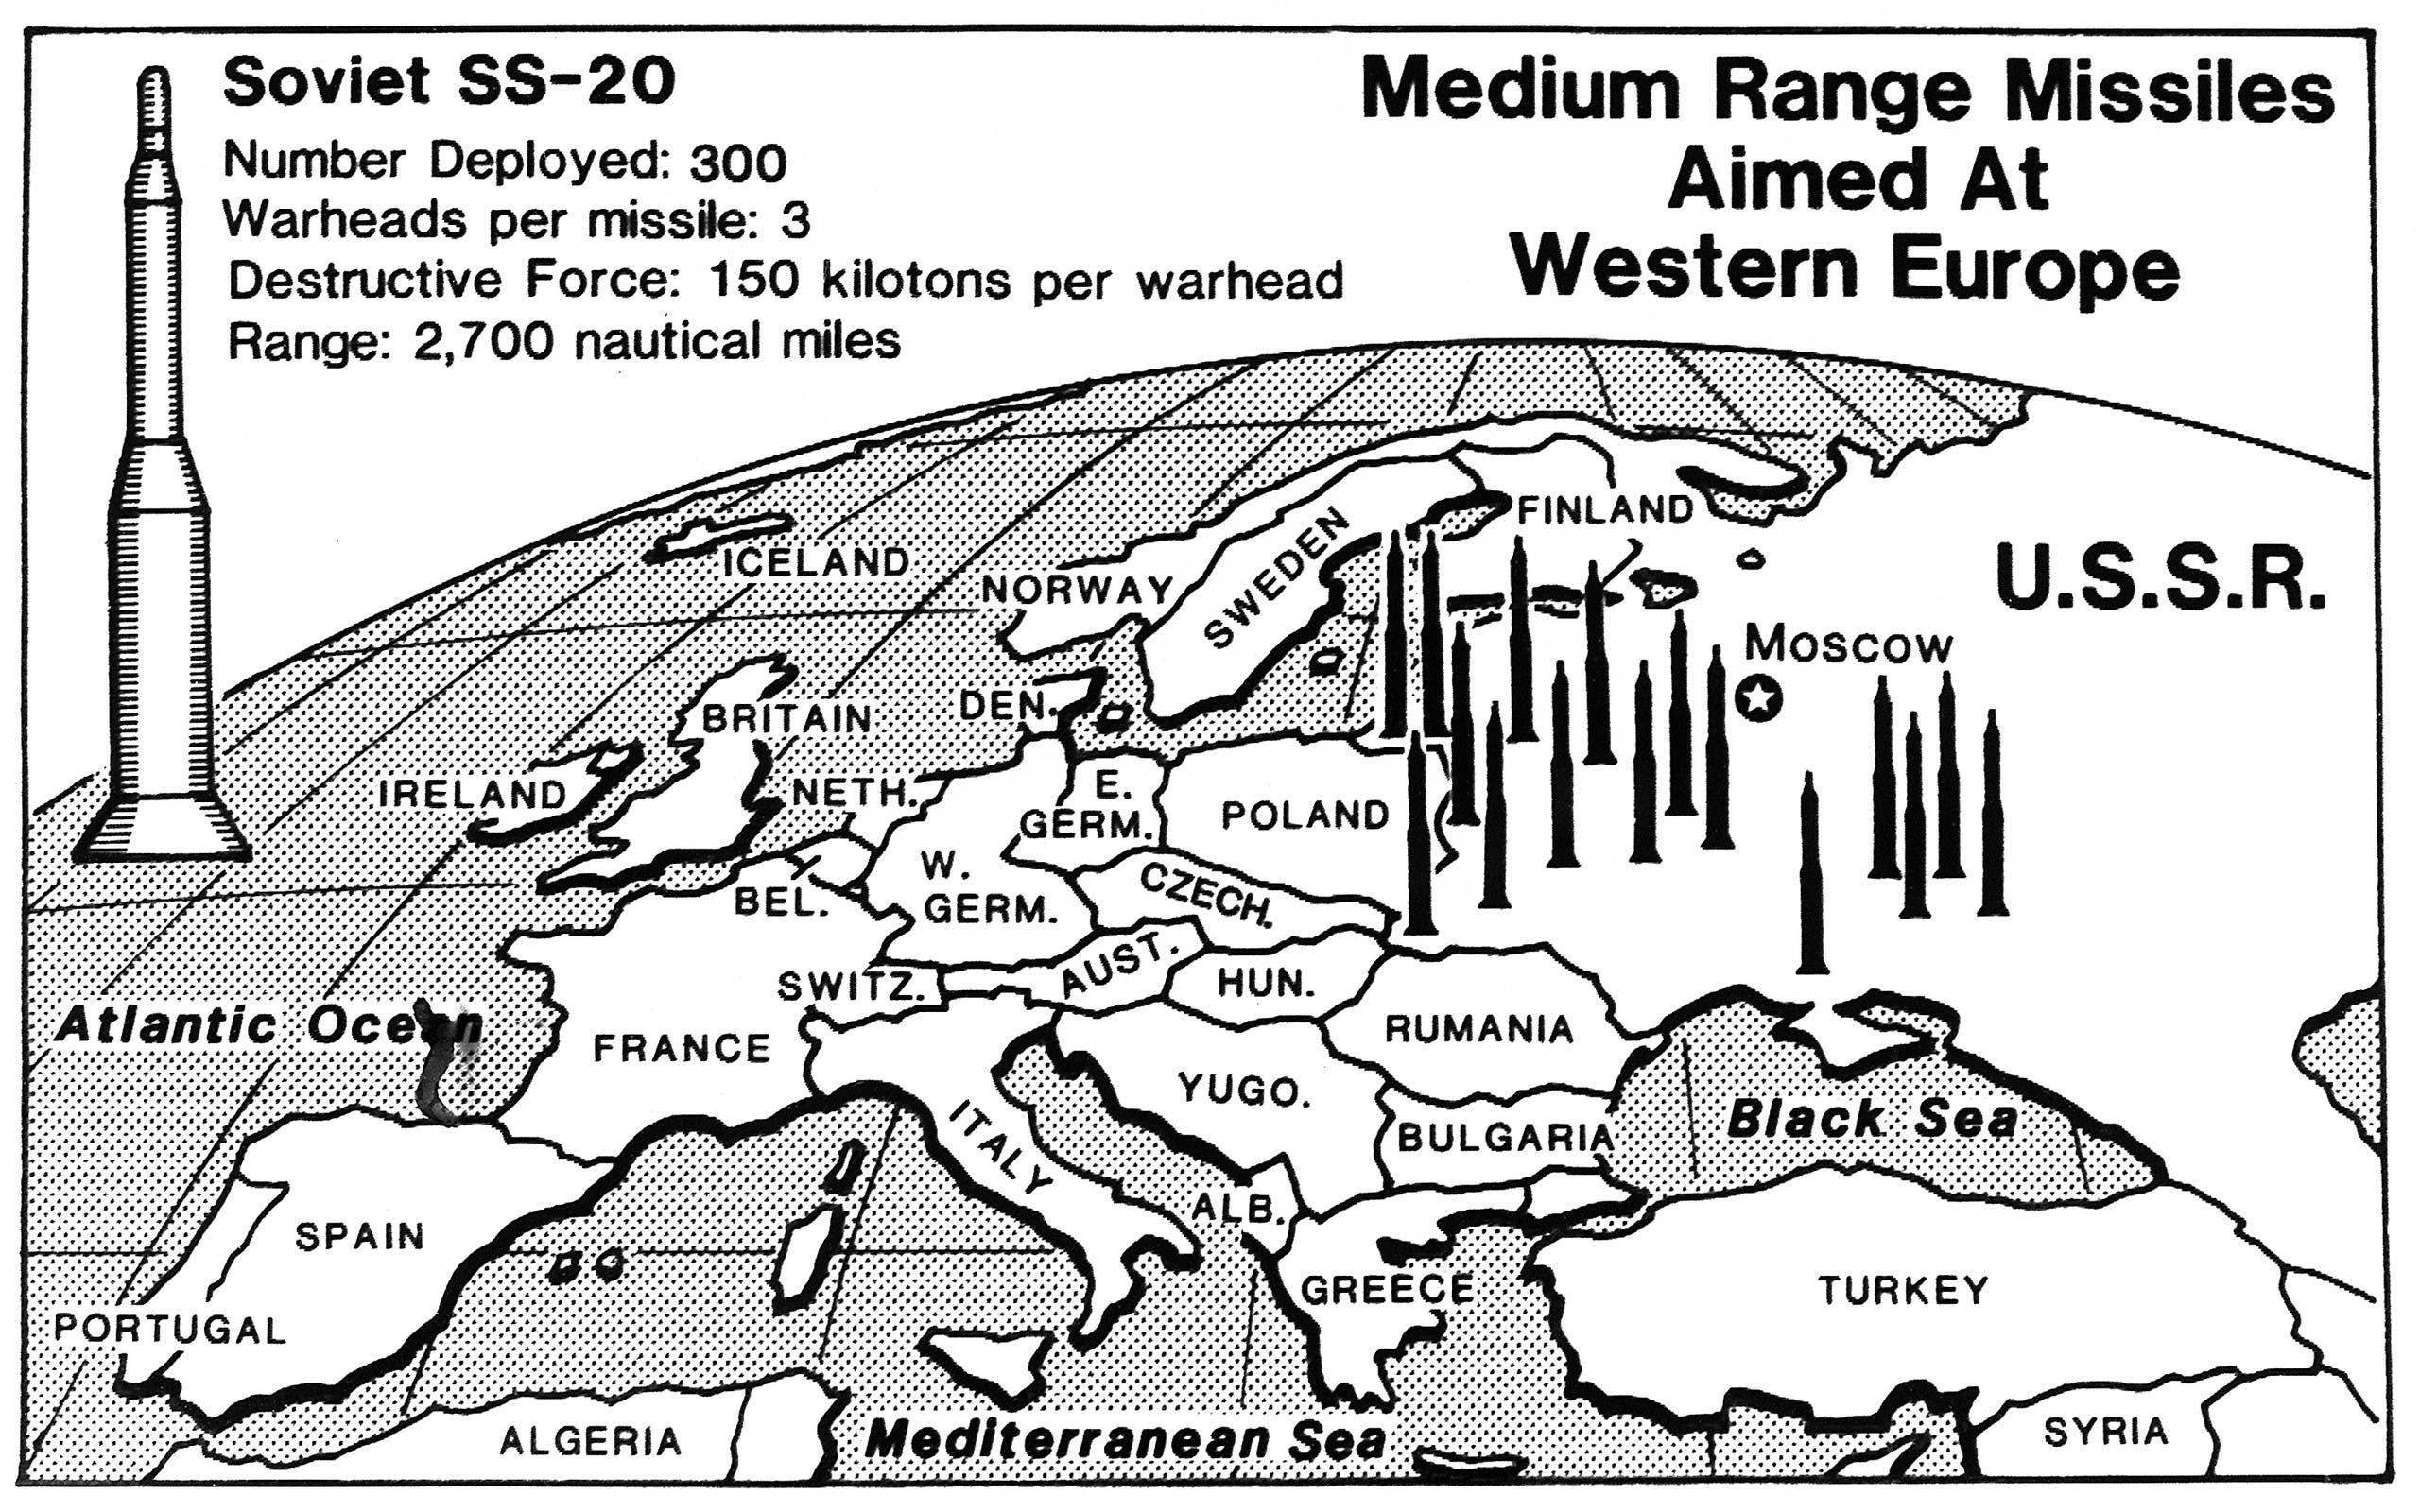 """رسم يوضح مواقع نشر  الصواريخ النووية السوفييتية من """" إس. إس. 20"""""""